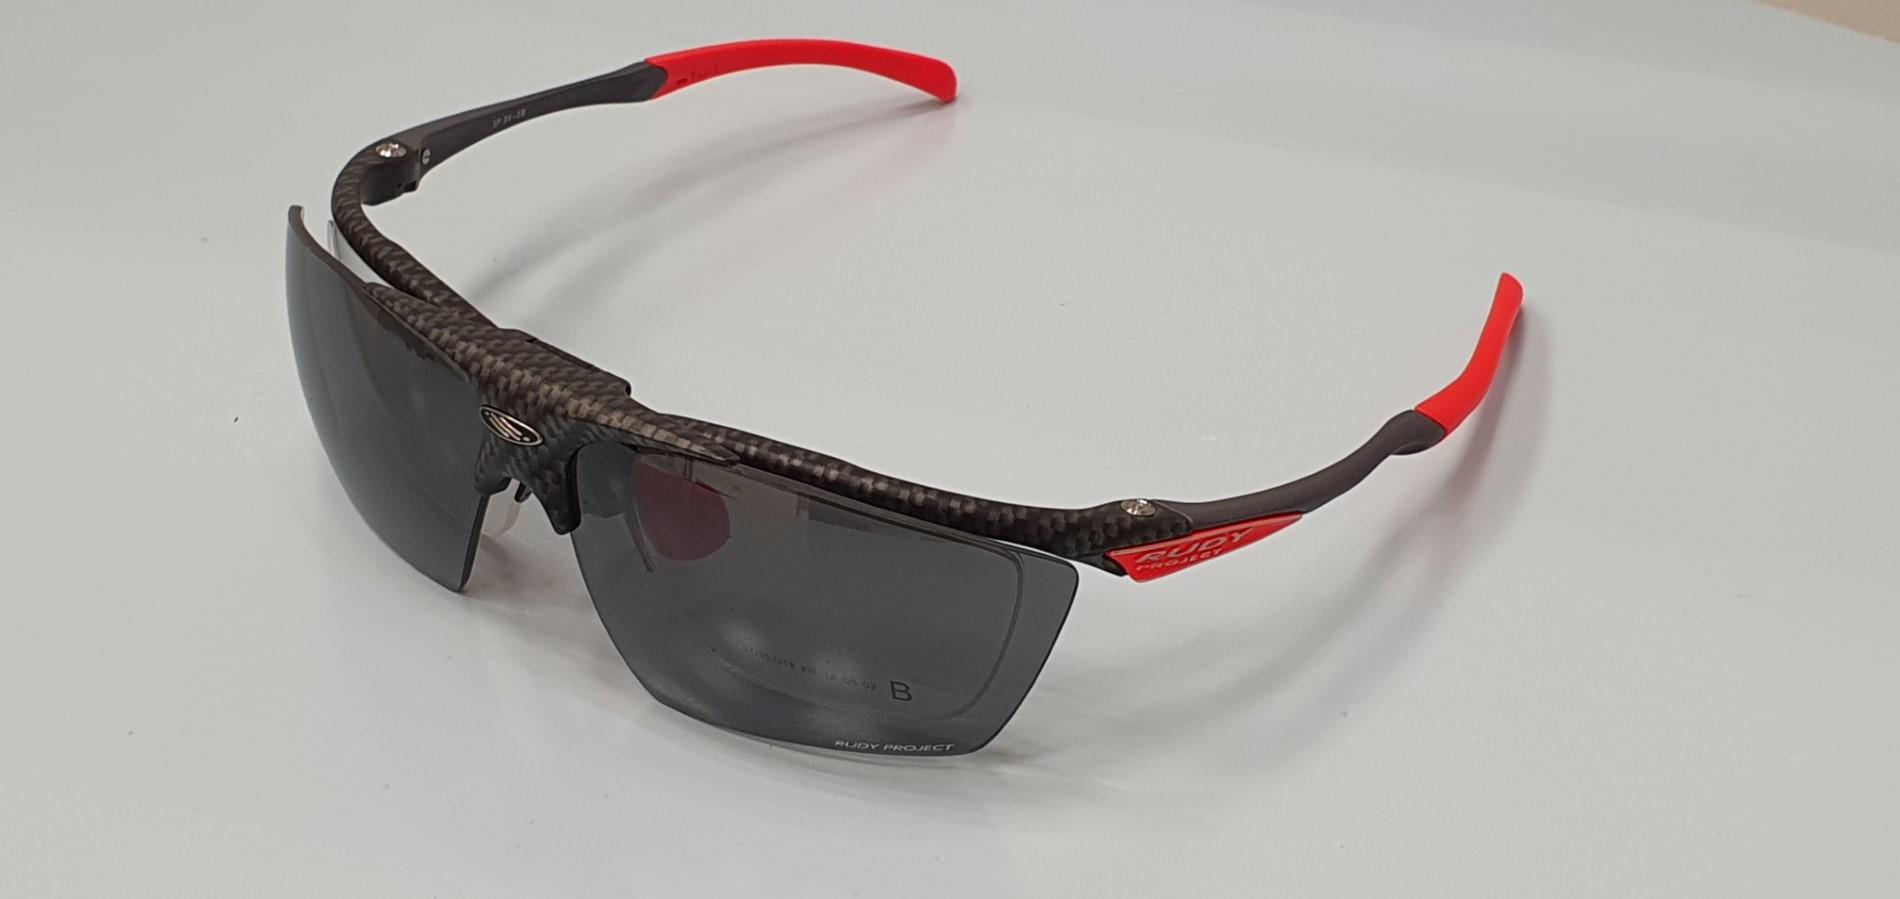 okulary do uprawiania sportu z korekcją katowice